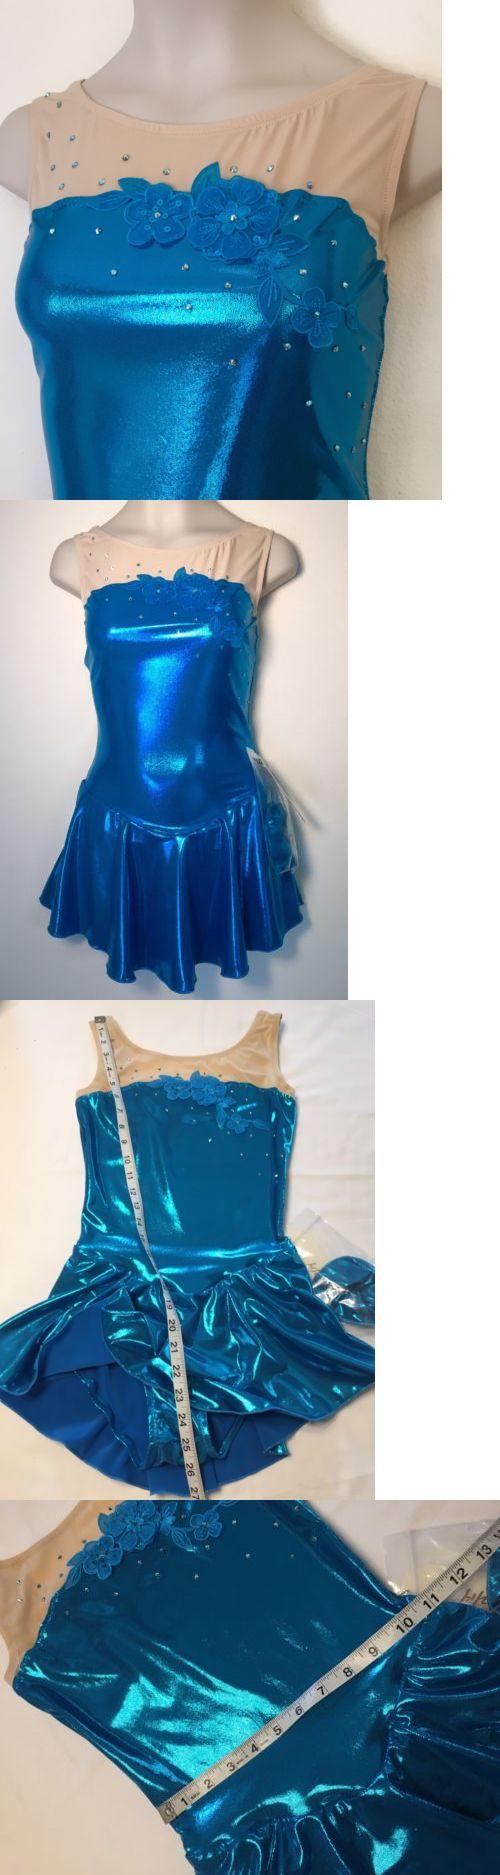 Skating Dresses-Girls 21226: Figure Skating New Dress Child 12 14 Xl Ice Skate Nwt Crystals Swarovski Blue -> BUY IT NOW ONLY: $49.99 on eBay!